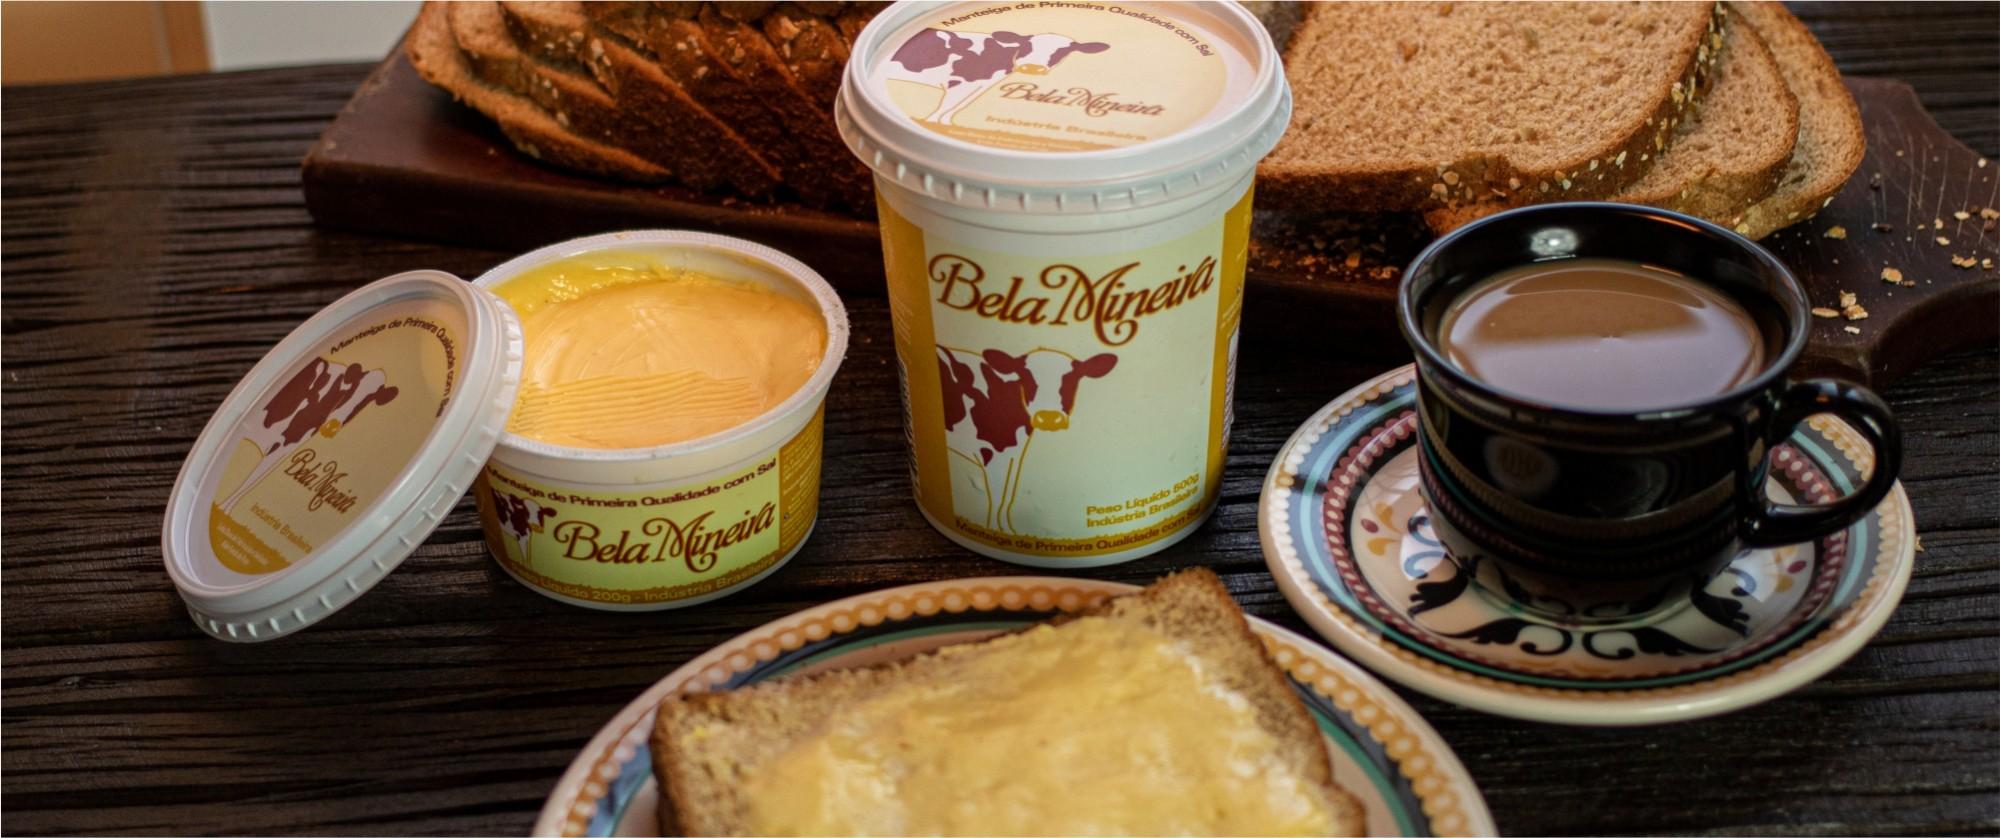 Manteiga Bela Mineira